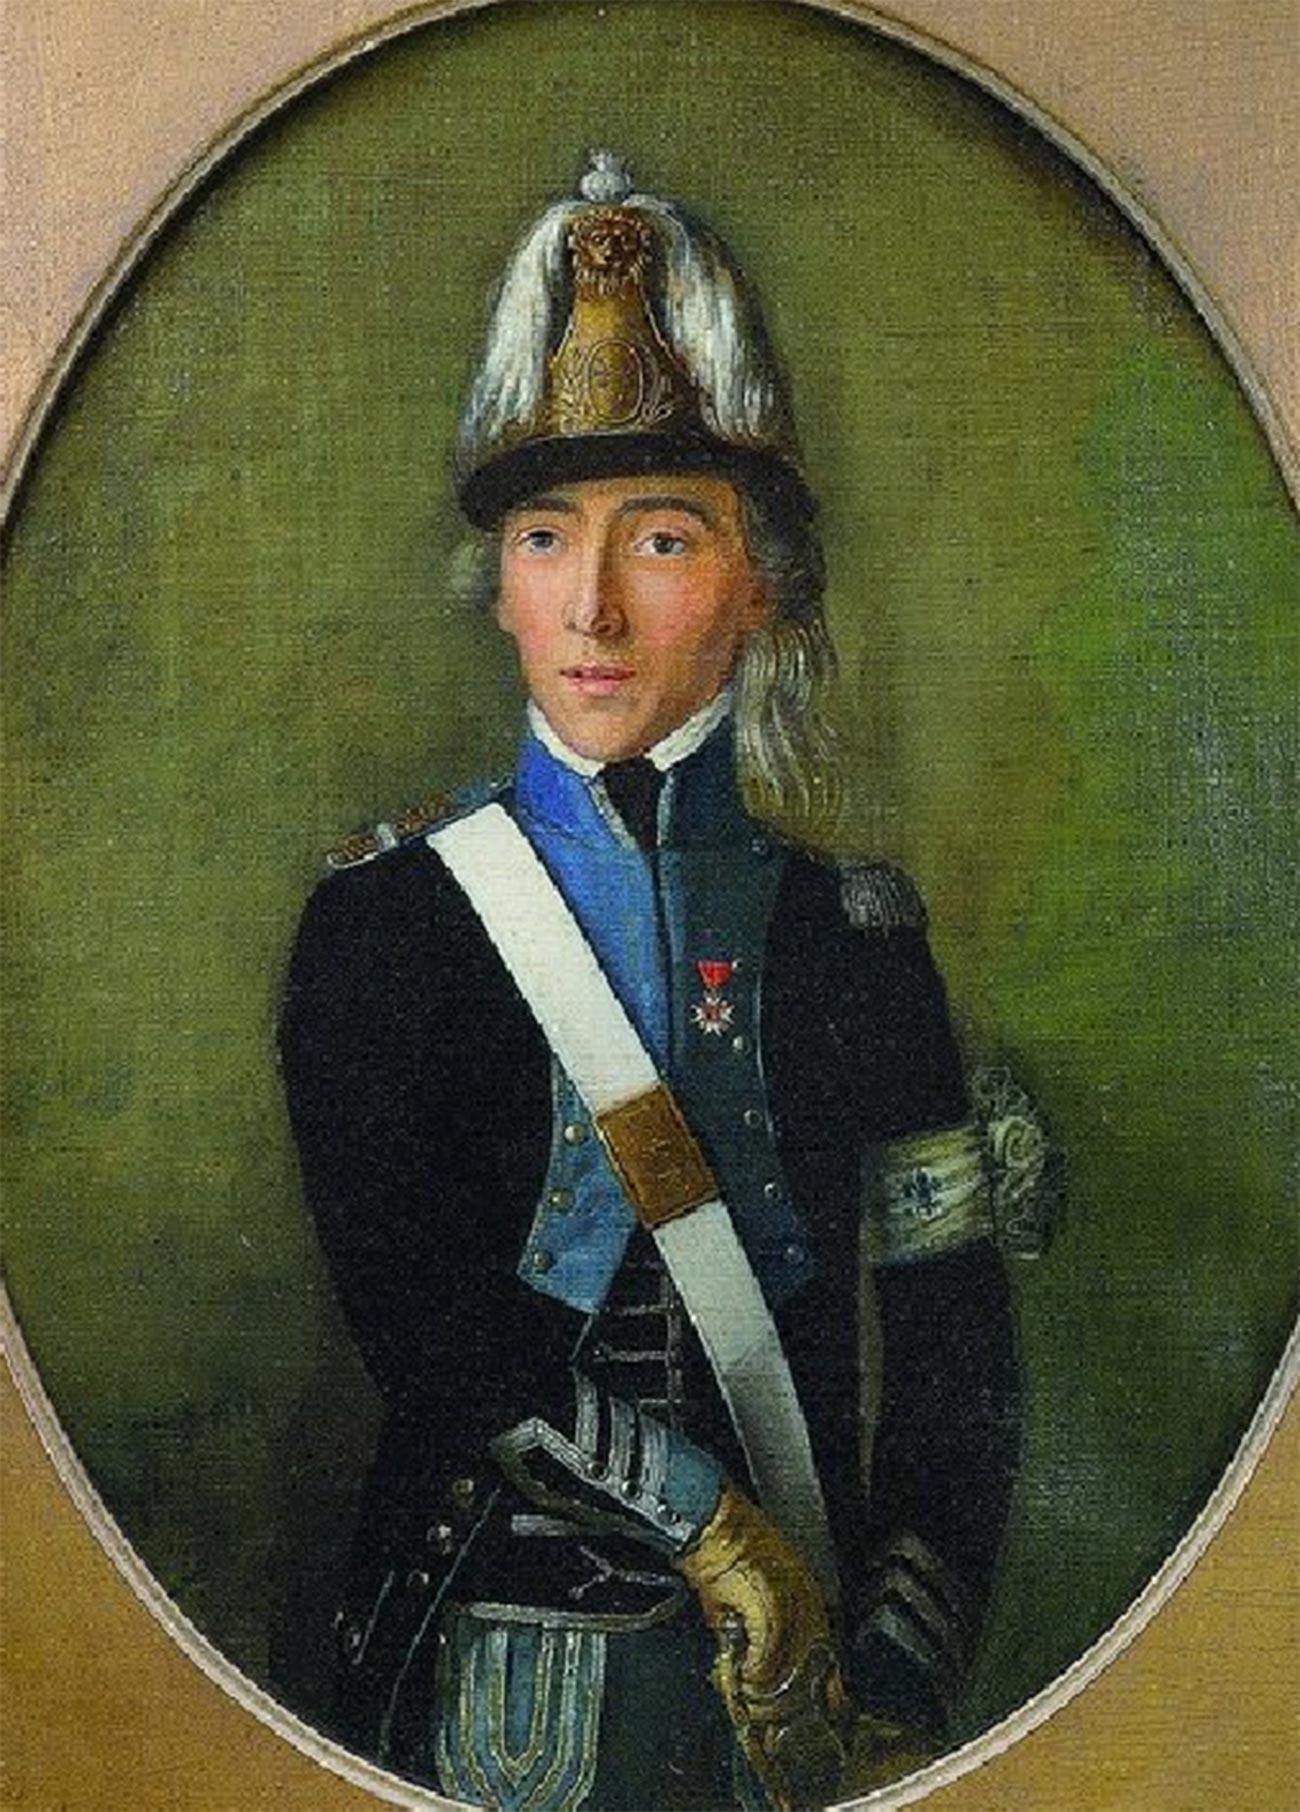 Captain of the émigré royalist corps of Condé.